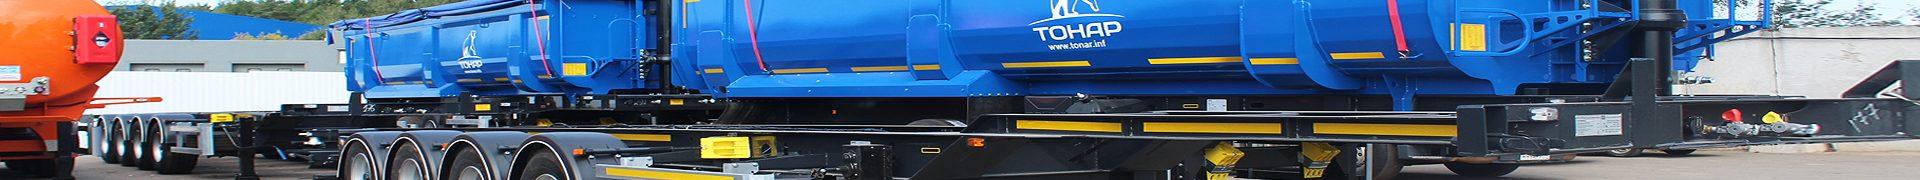 Окно в Европу: новые перспективы МЗ «Тонар»